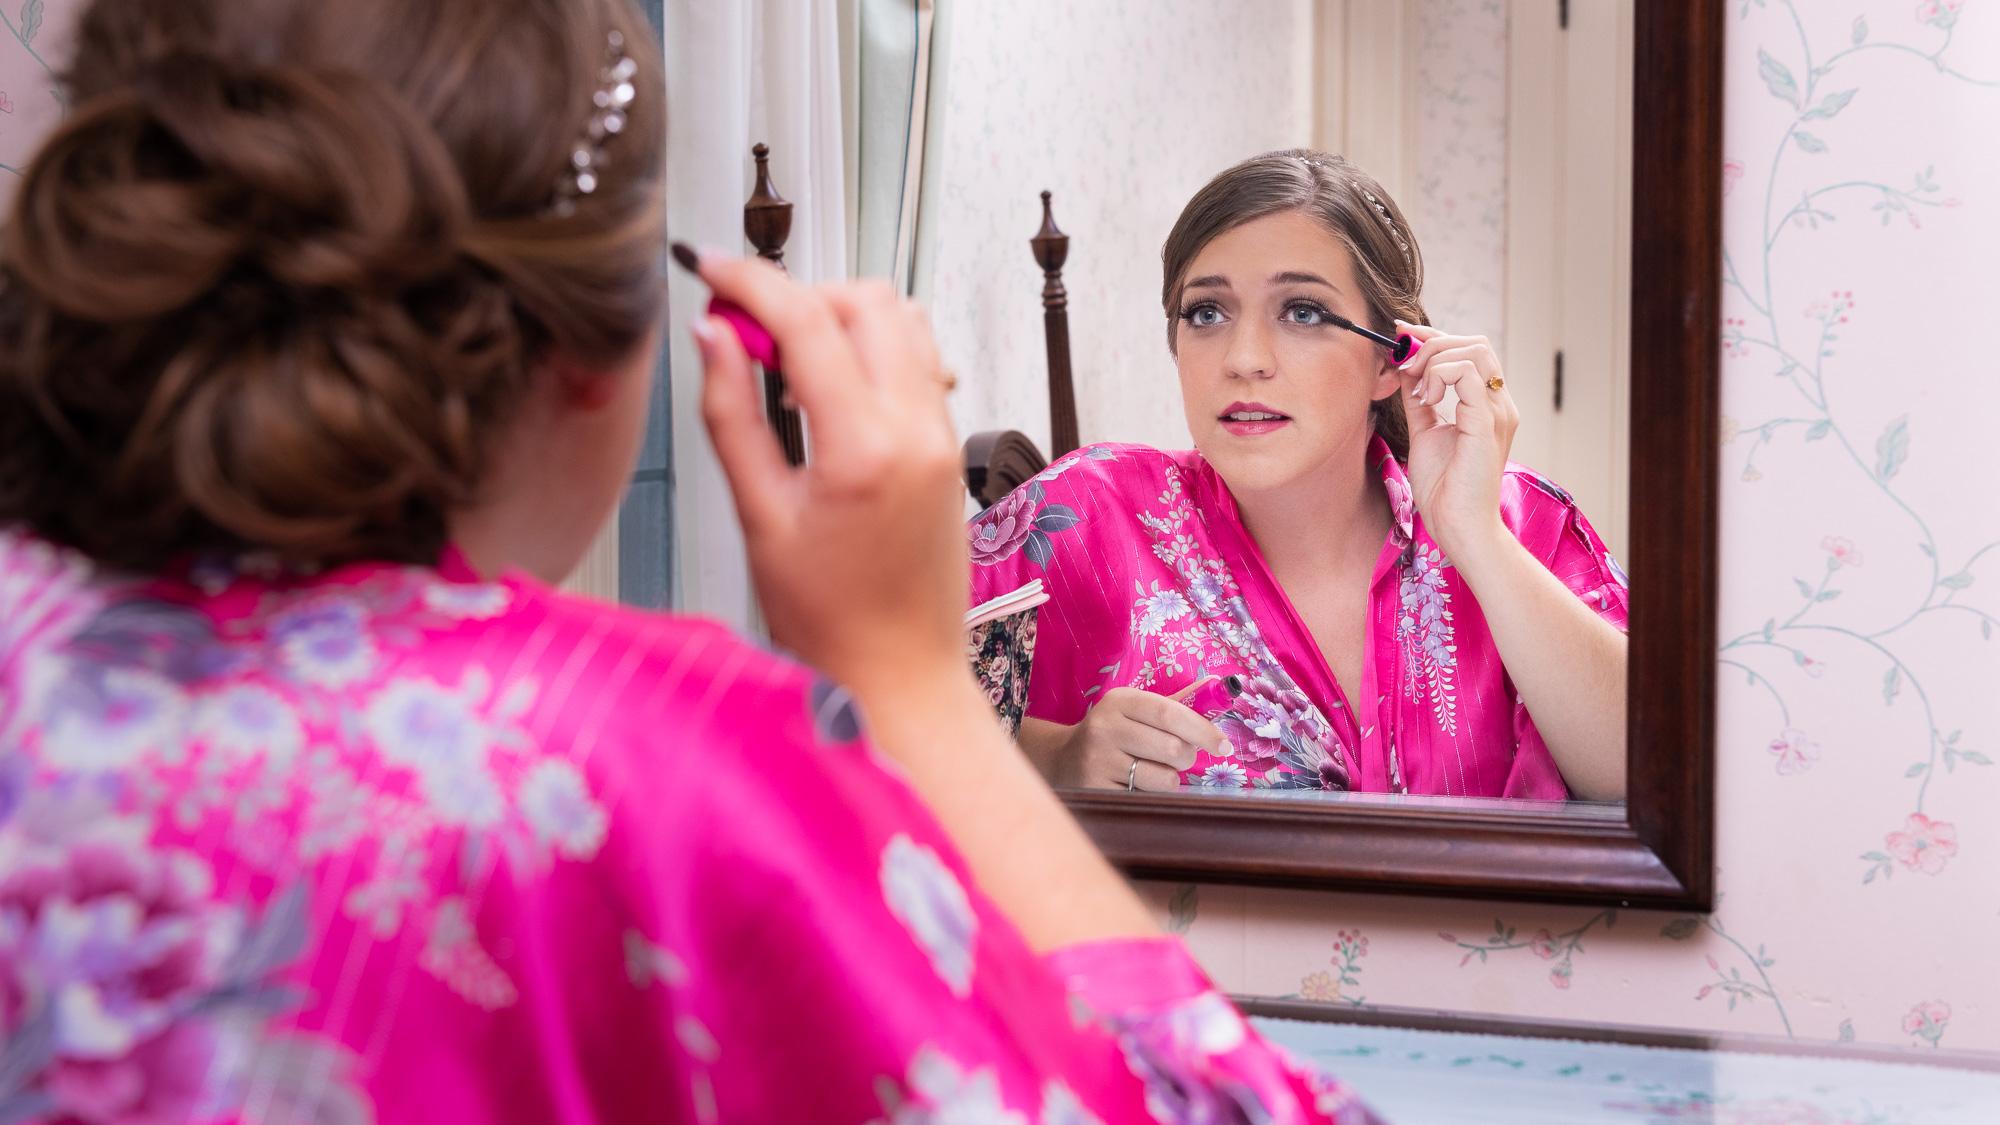 Bride_Getting_Ready_Mirror-2.jpg